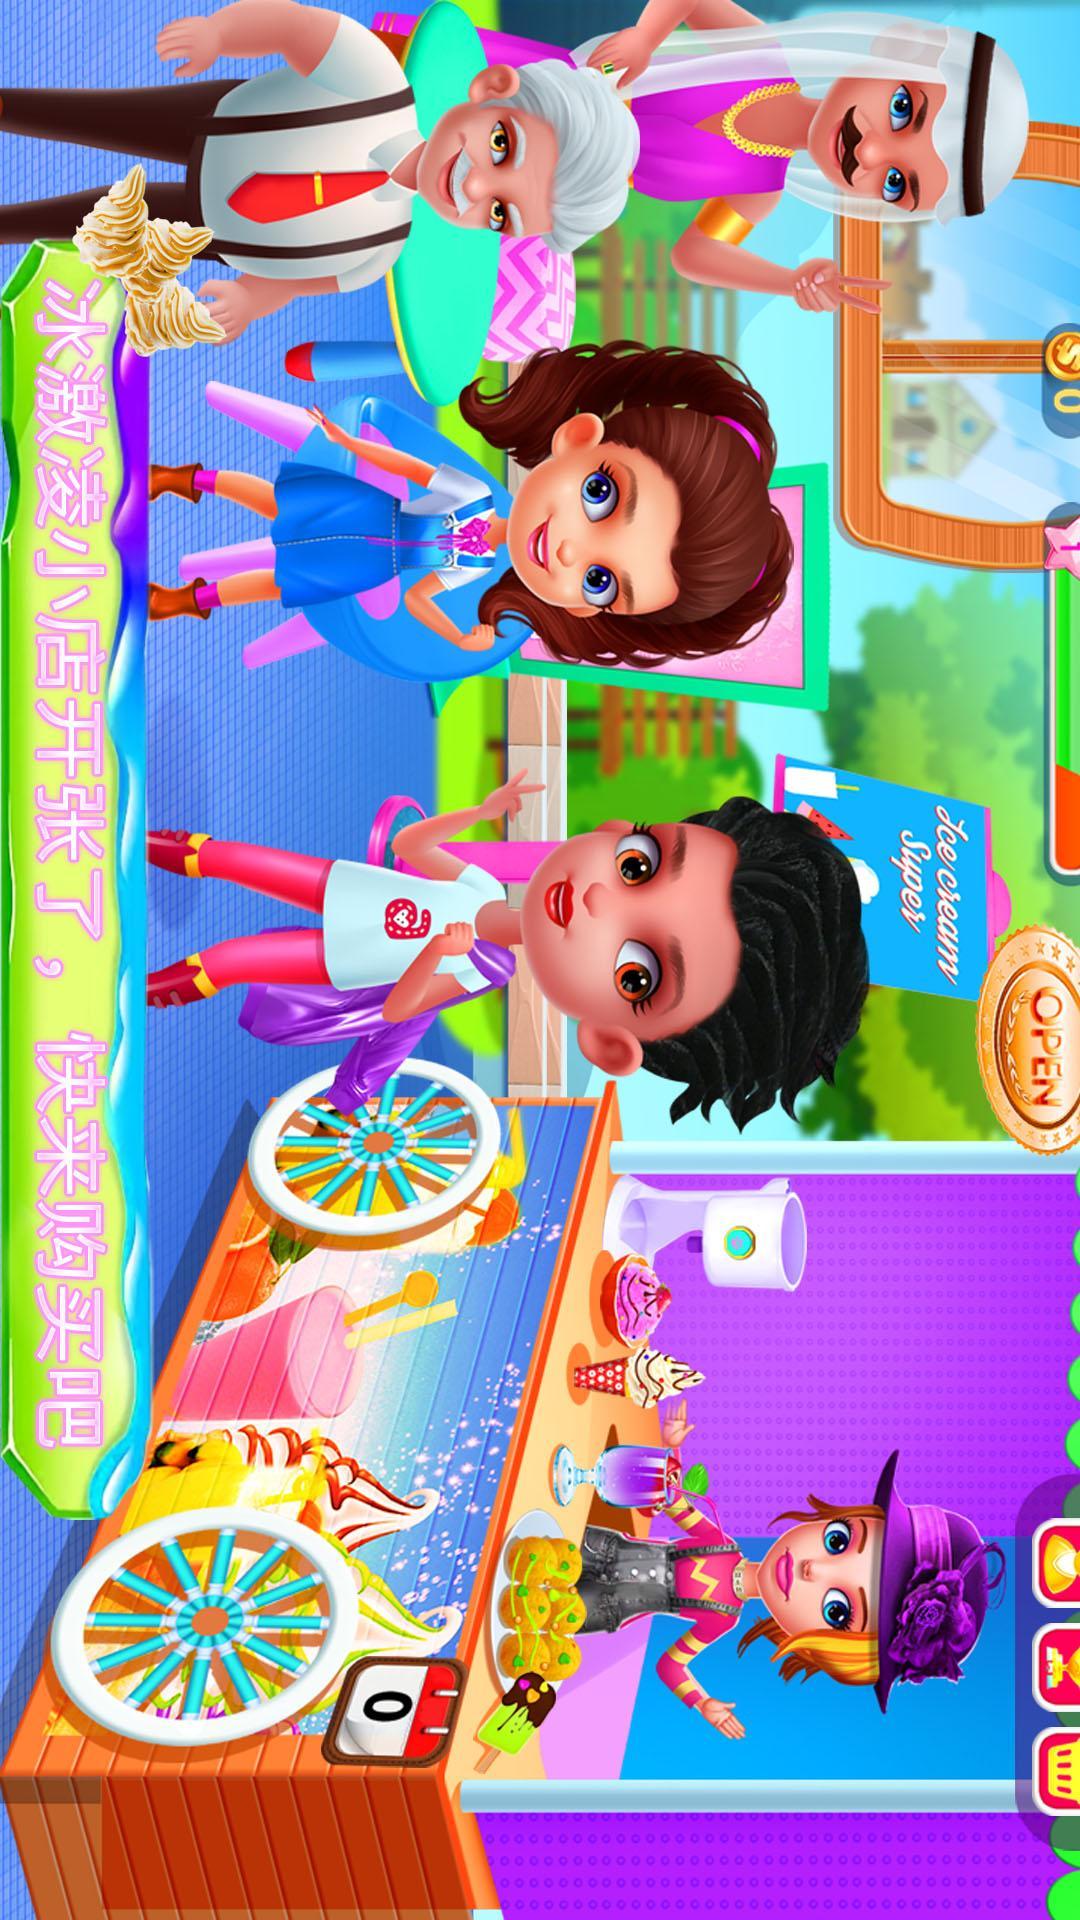 冰激凌甜品店 APP截图